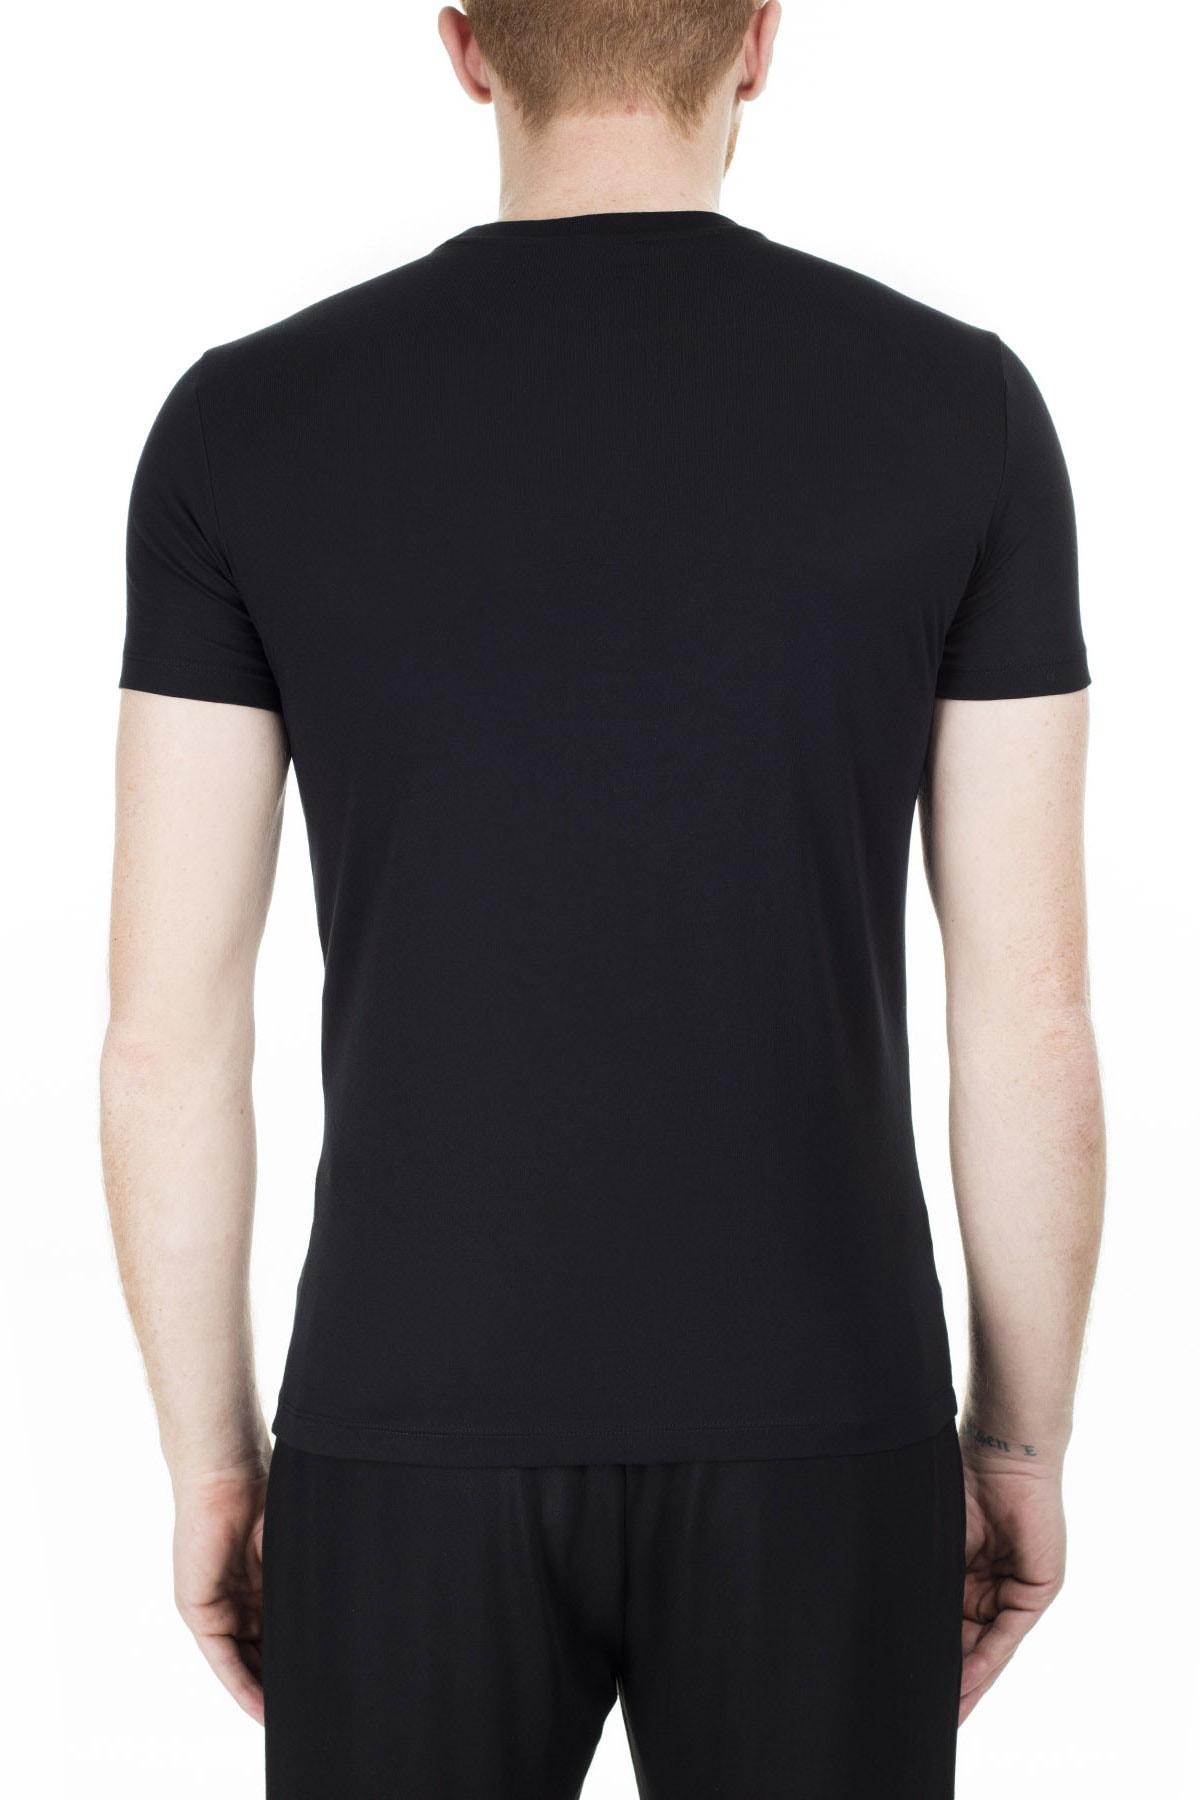 Emporio Armani Siyah Erkek T-Shirt 8N1T99 1JNQZ 0999 1